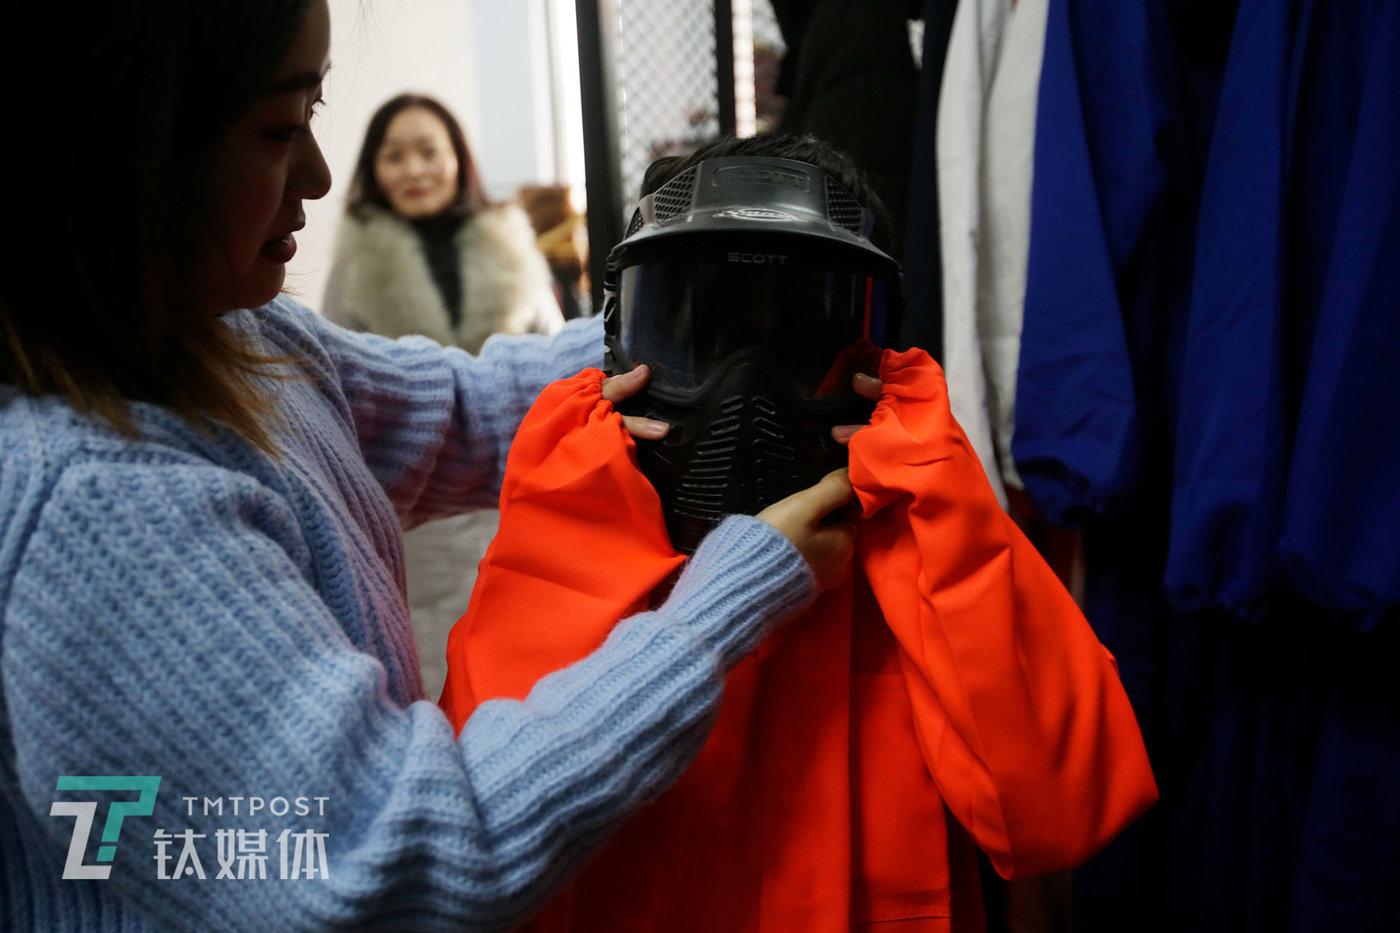 一名12岁的女孩在店主的帮助下戴上防护头盔。她和同学看了抖音博主短视频后,约着过来玩的。